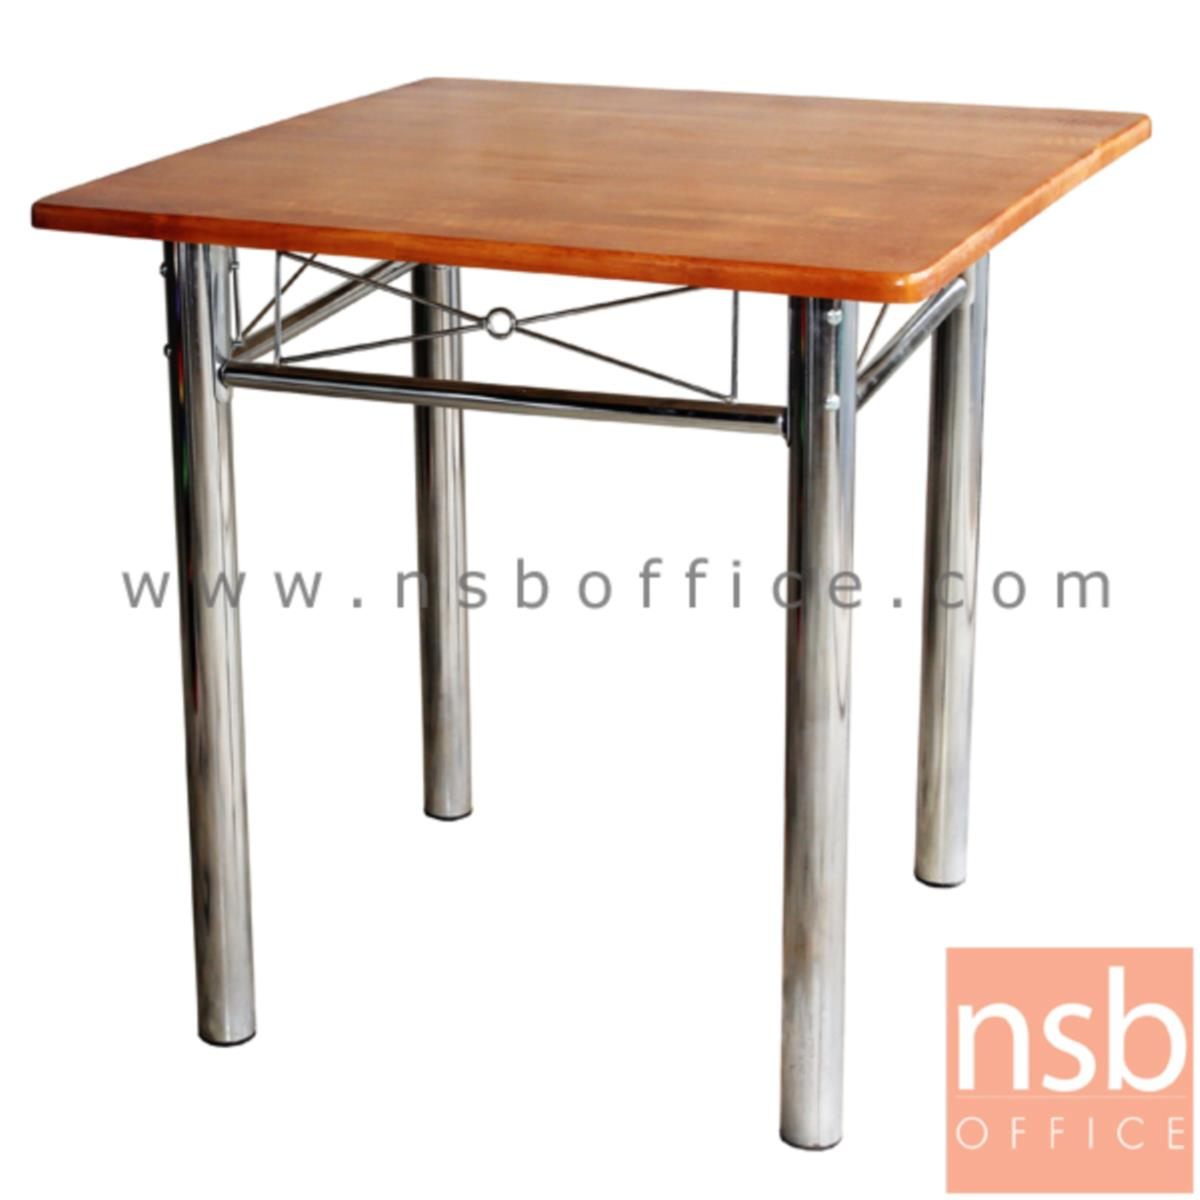 โต๊ะหน้าไม้ยางพารา 4 ที่นั่ง รุ่น Margat (มาร์กัต) ขนาด 60W ,75W cm. ขาเหล็ก